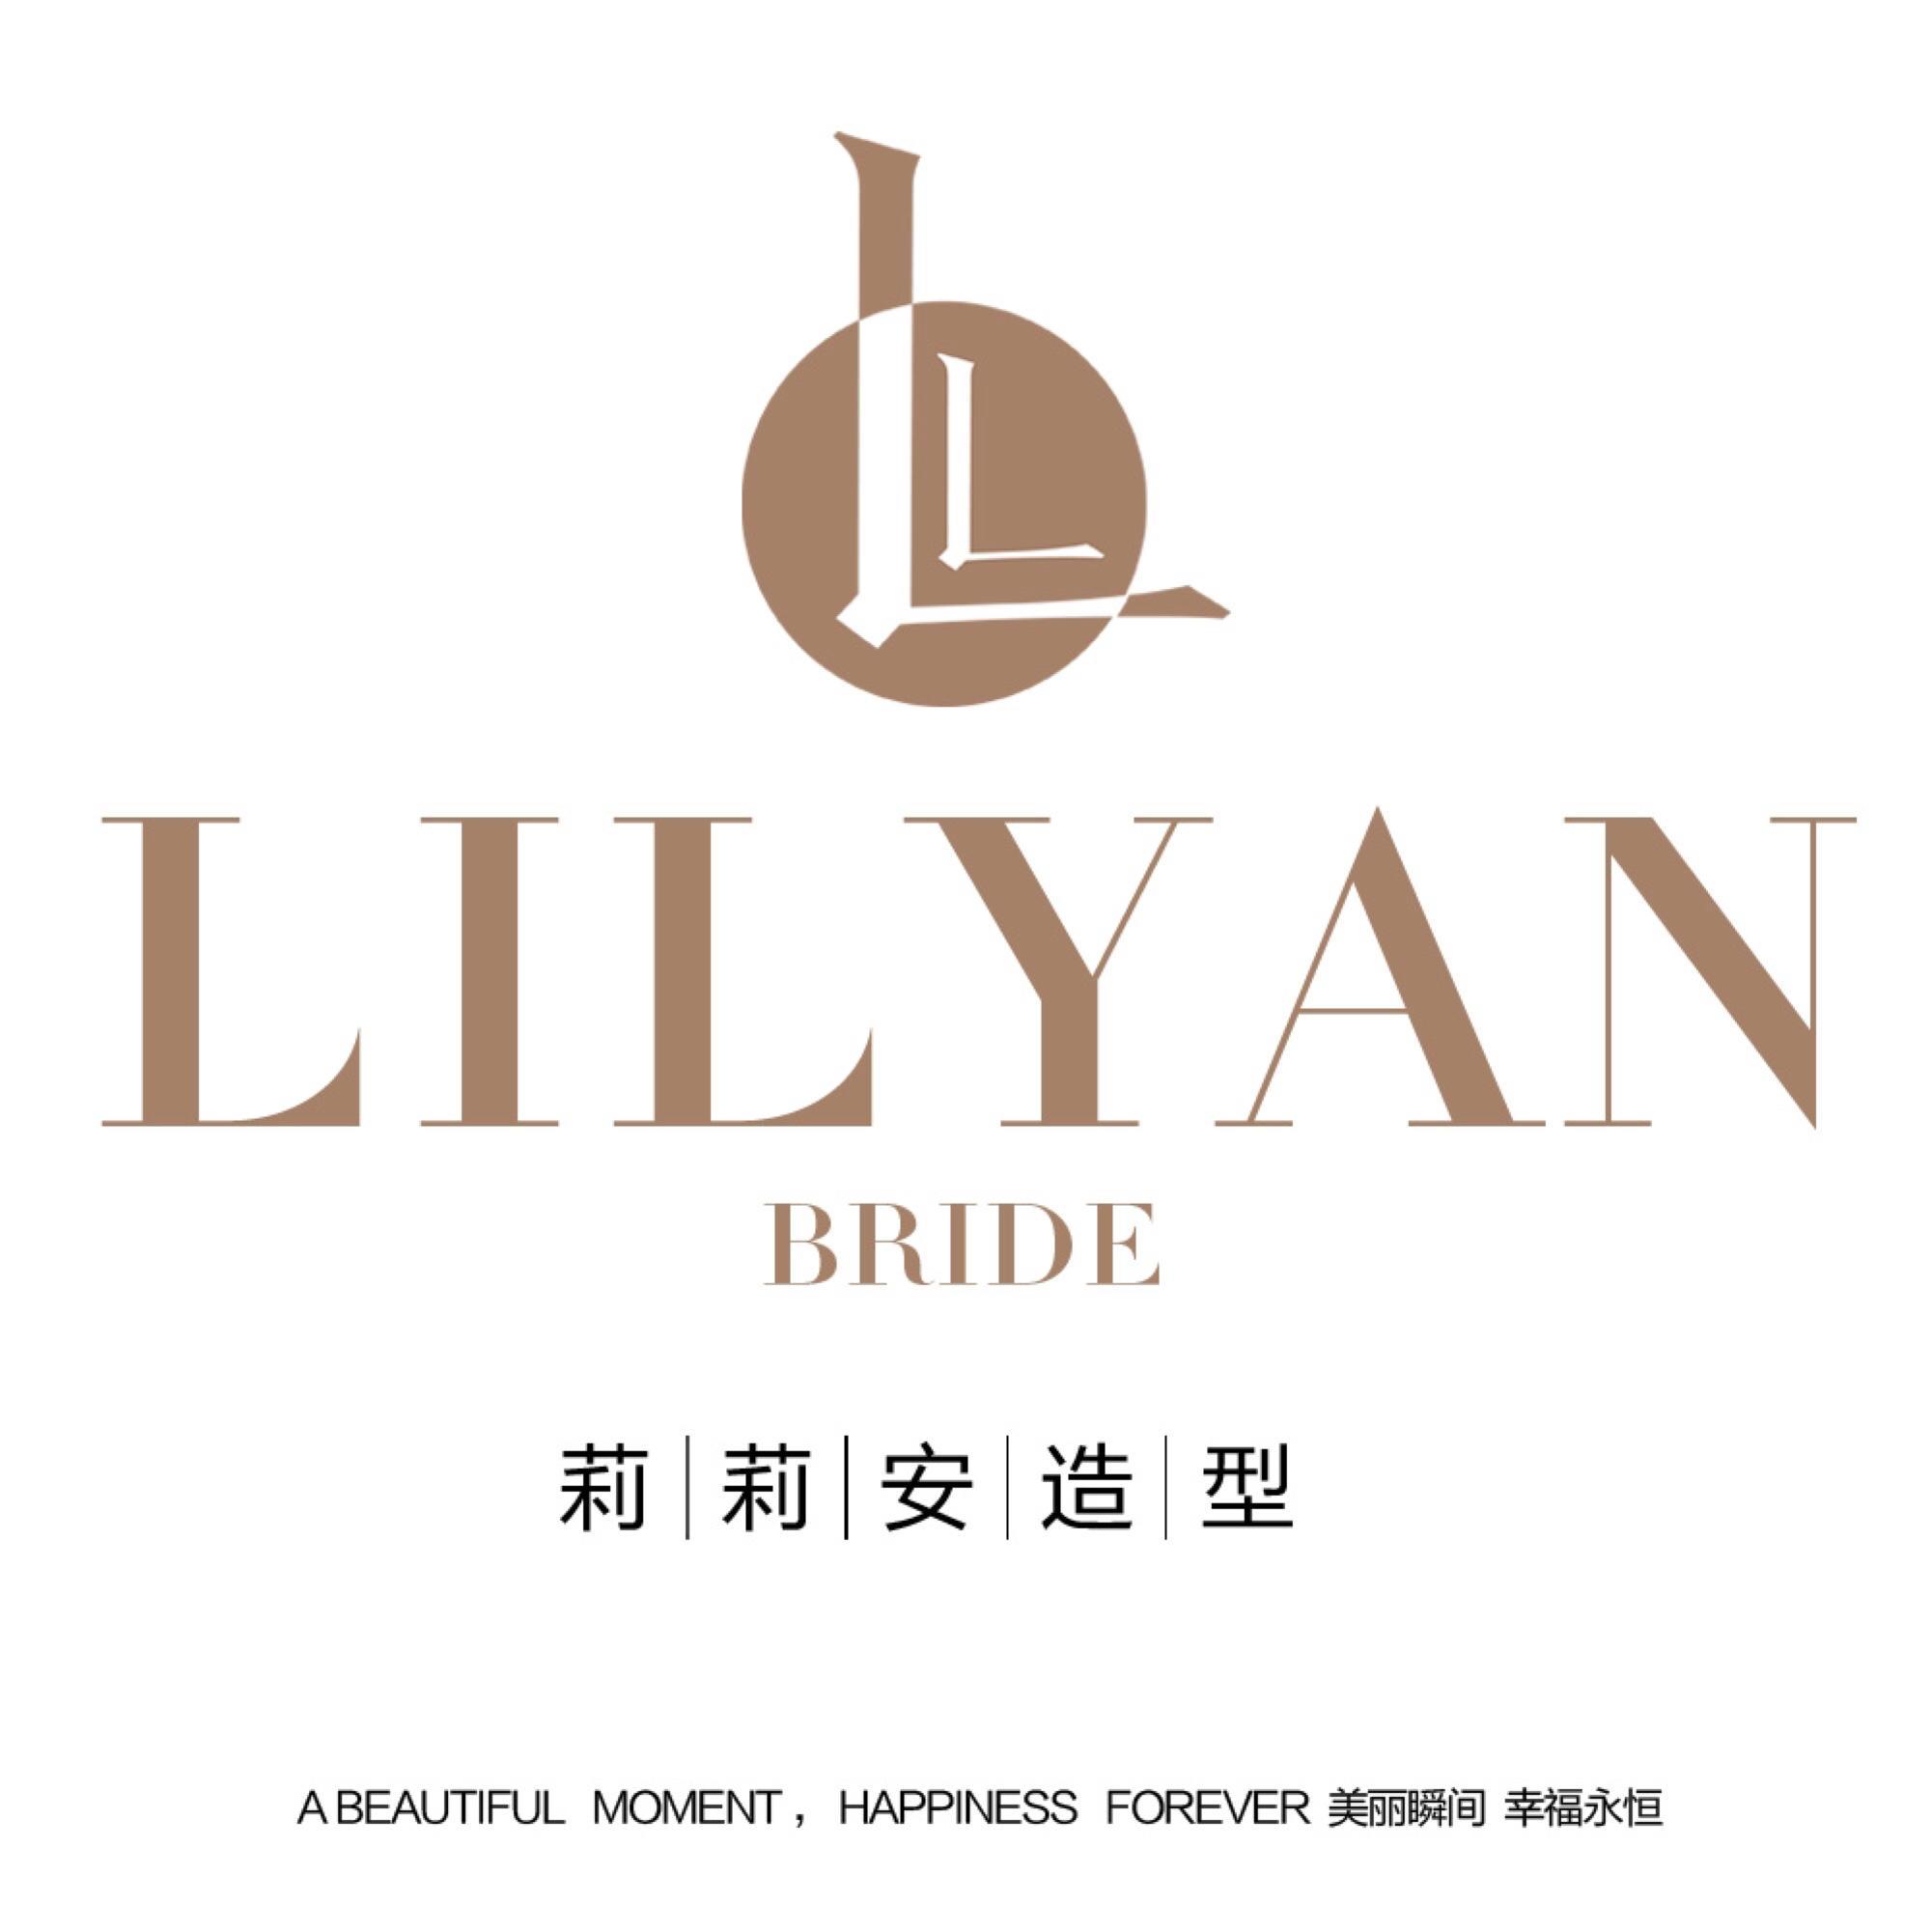 莉莉安 造型下载app送36元彩金馆